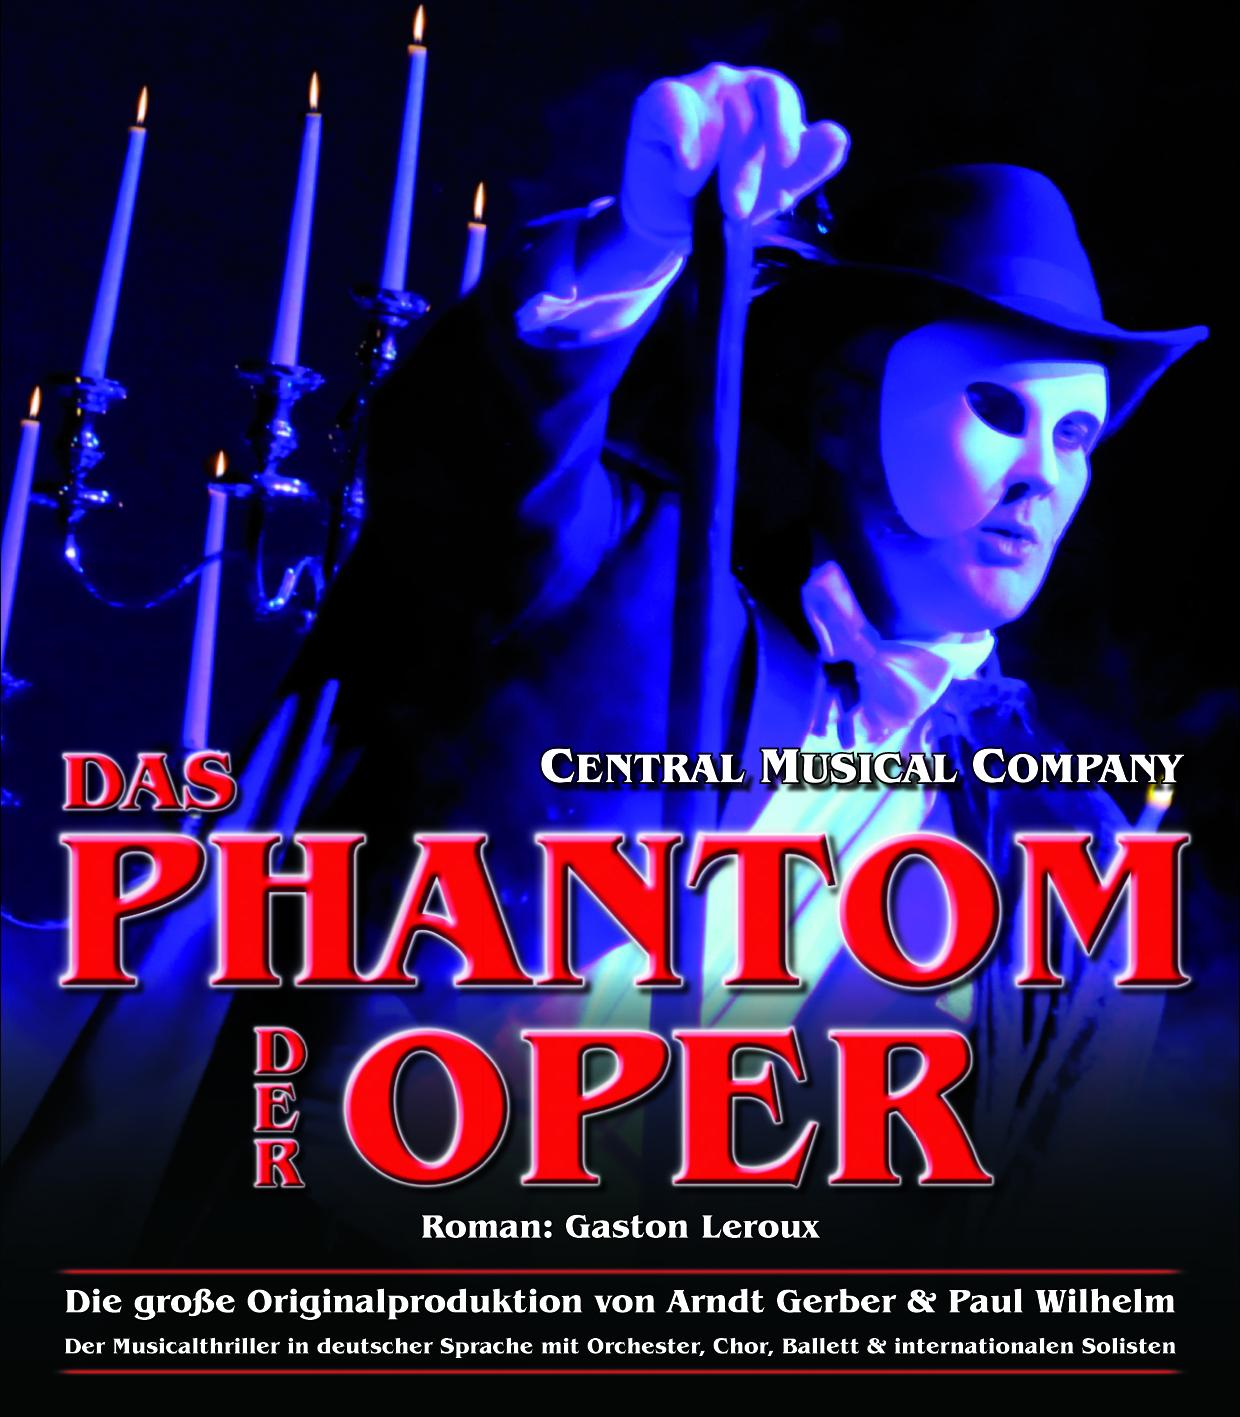 https://www.ccsaar.de/wp-content/uploads/2021/07/Das_Phantom_der_Oper_GerberWilhelm_Plakatmotiv_Print.jpg